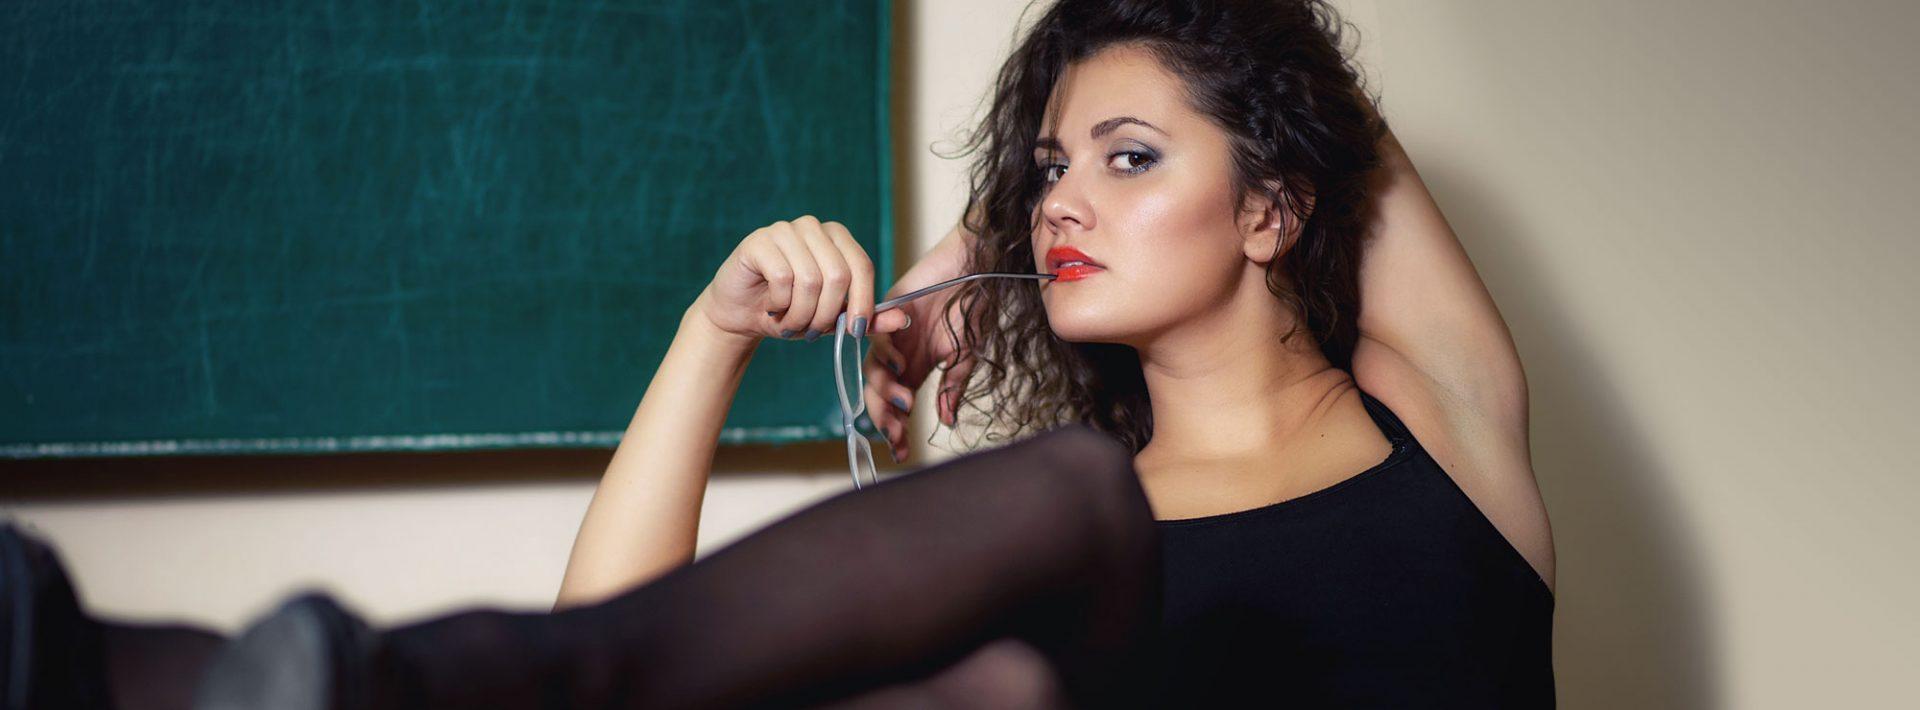 sexleketøy nettbutikk erotikske noveller